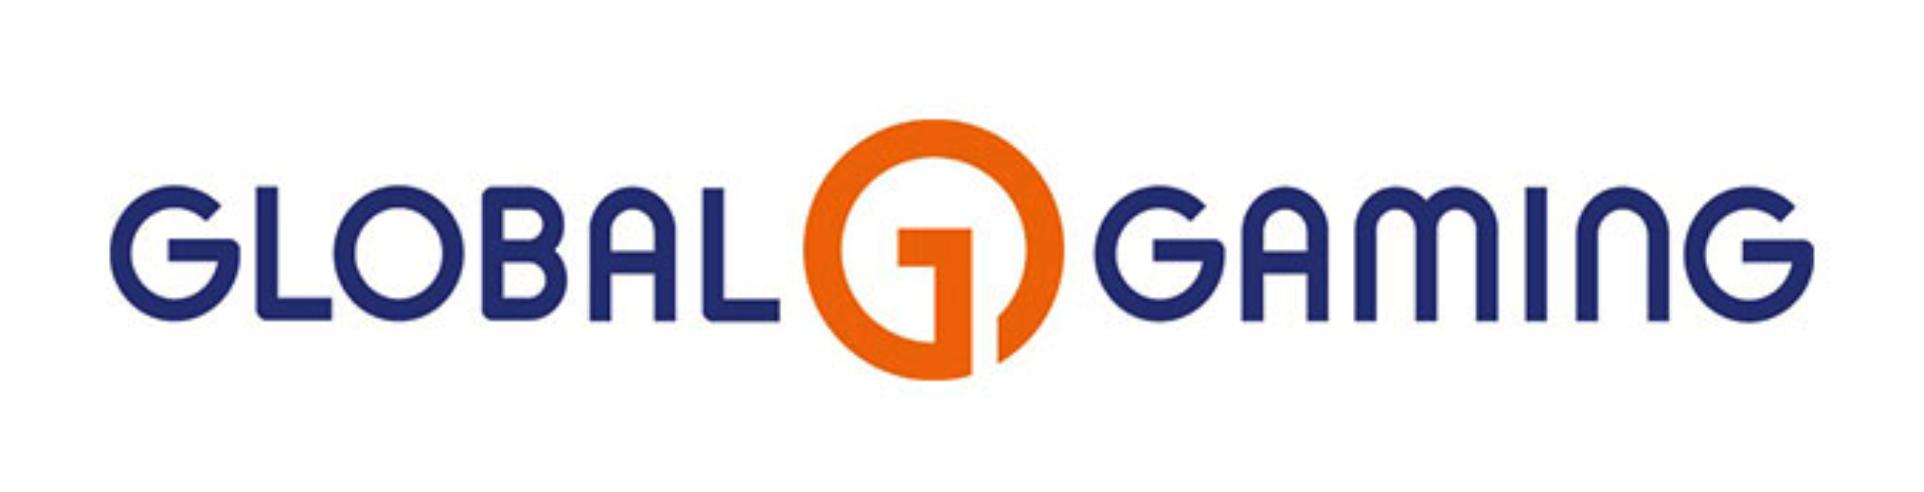 Global Gaming